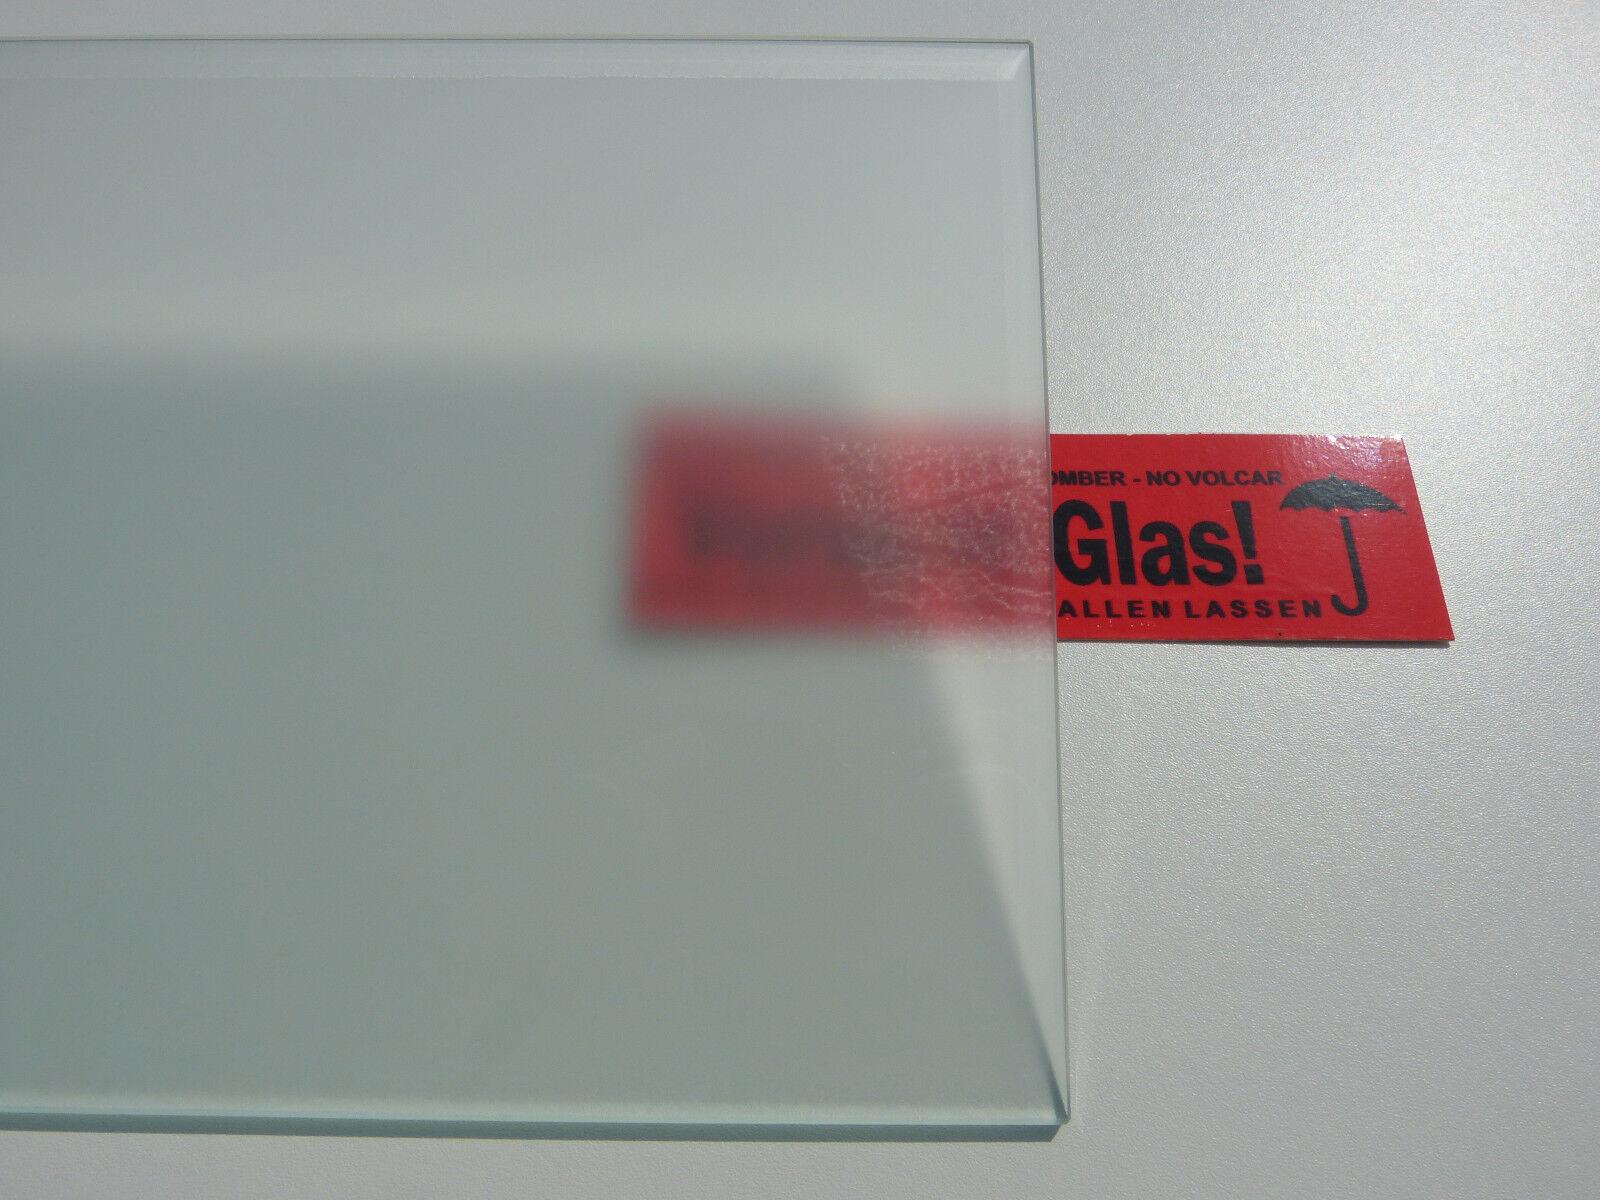 Gorenje Kühlschrank Hi1526 : Liebherr kühlschrank einlegeboden glasboden wie